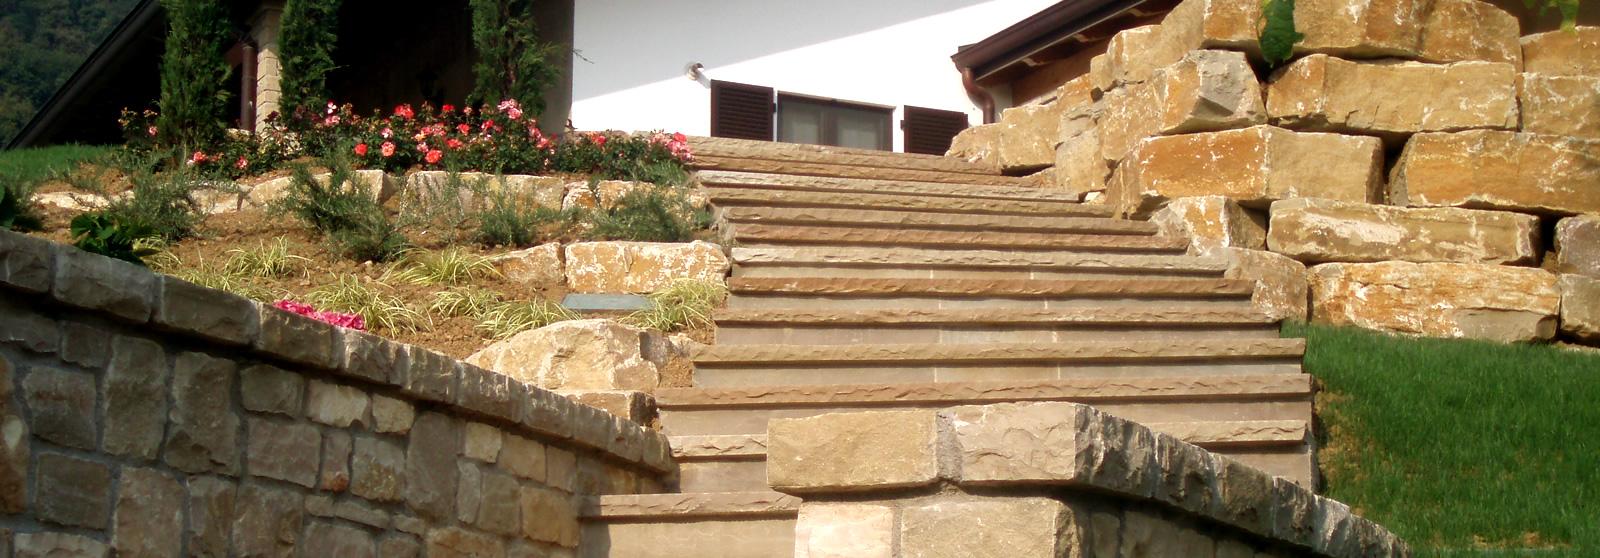 Cava bettoni vera pietra di credaro estrazione lavorazione fornitura e posa - Scale in giardino ...